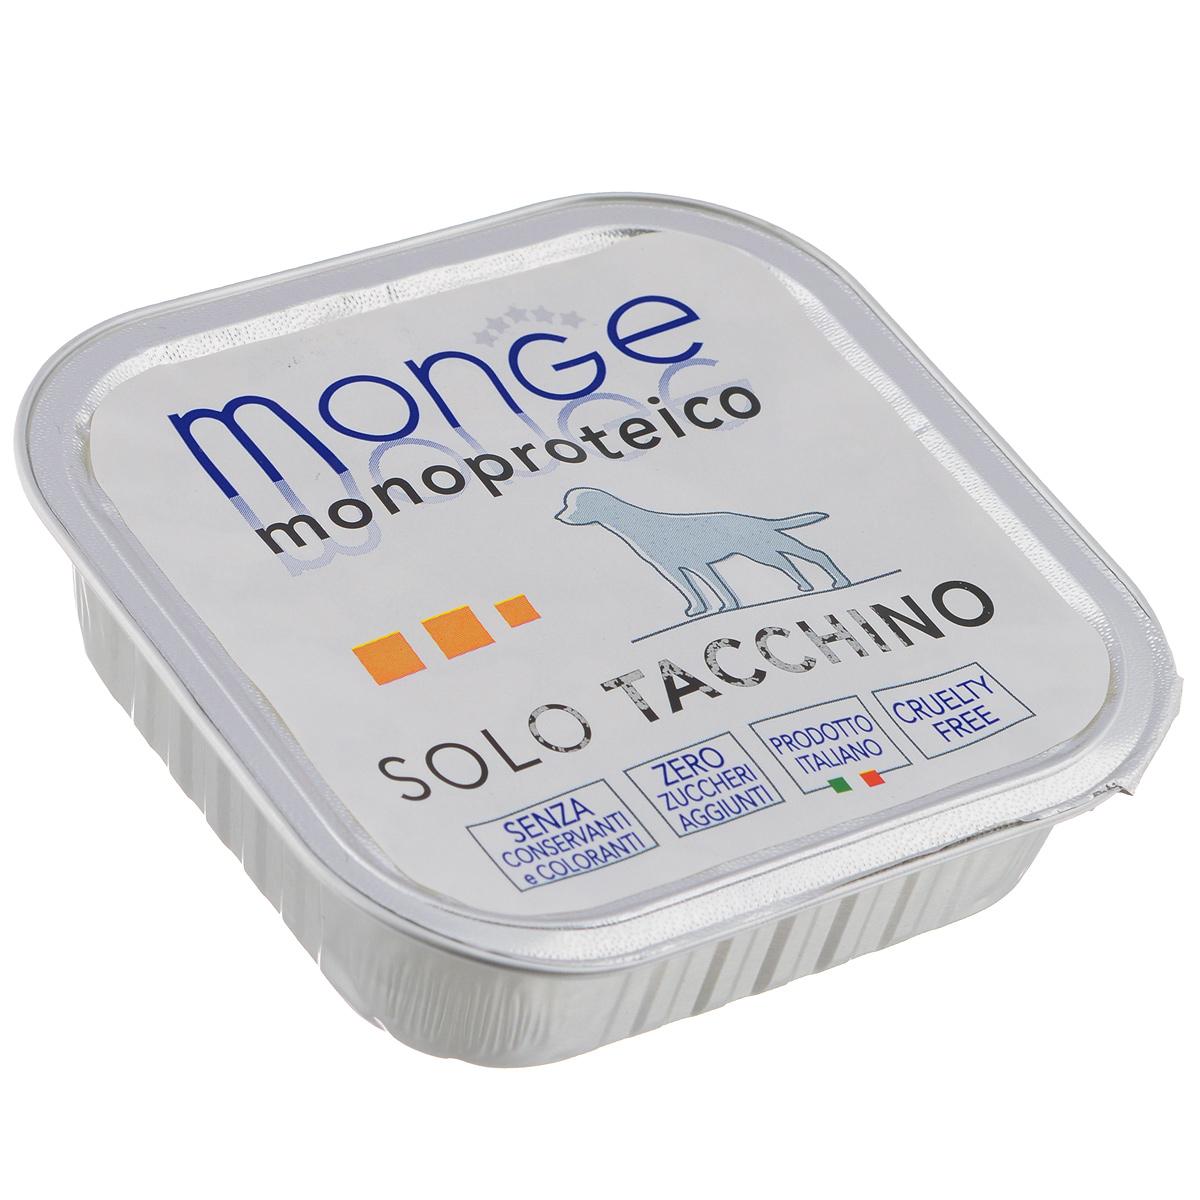 Консервы для собак Monge Monoproteico Solo, паштет из индейки, 150 г0120710Консервы для собак Monge Monoproteico Solo - монобелковый паштет с мясом индейки для собак. Состав: свежая индейка (соответствует 100% использованного мяса), минеральные вещества, витамины. В данном продукте нет клейковины, красителей, консервантов, а также глютена. Технологические добавки: загустители и желирующие вещества. Анализ компонентов: сырой белок 8%, сырые масла и жиры 6,5%, сырая клетчатка 0,5%, сырая зола 1,5%, влажность 80%. Витамины и добавки на 1 кг: витамин А 2500 МЕ, витамин D3 300 МЕ, витамин Е 7 мг. Товар сертифицирован.